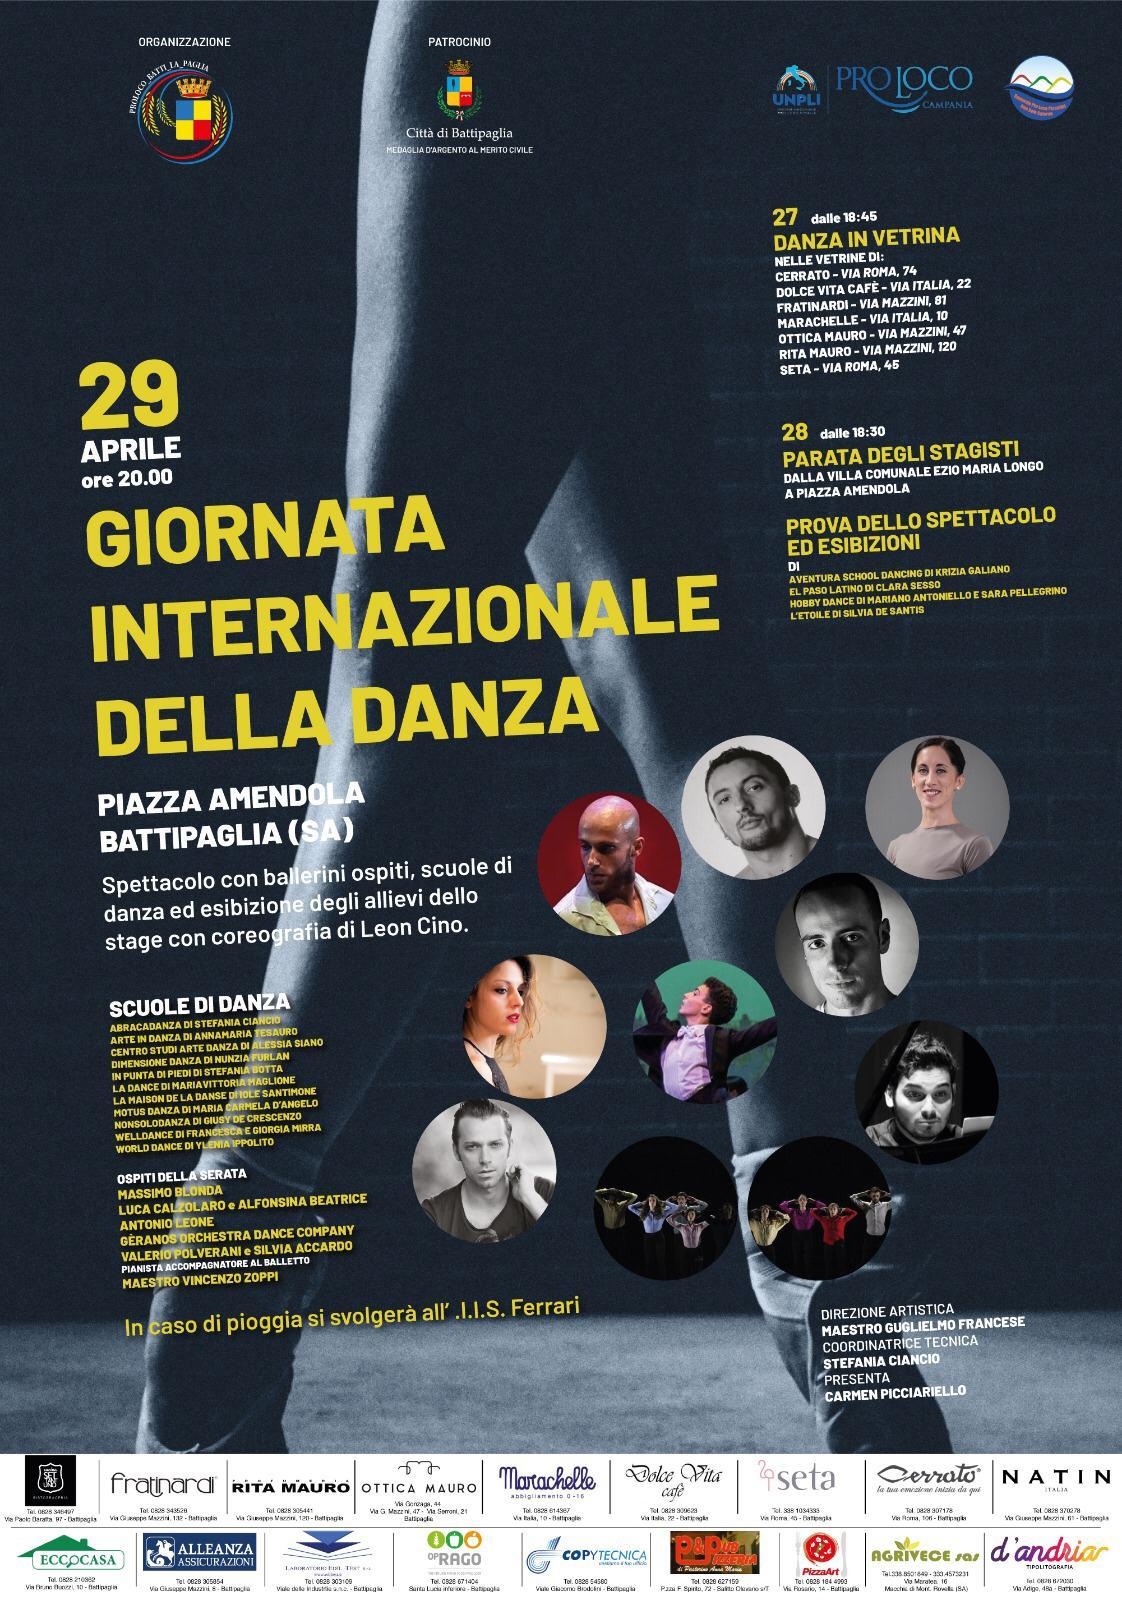 Battipaglia - Giornata internazionale della danza